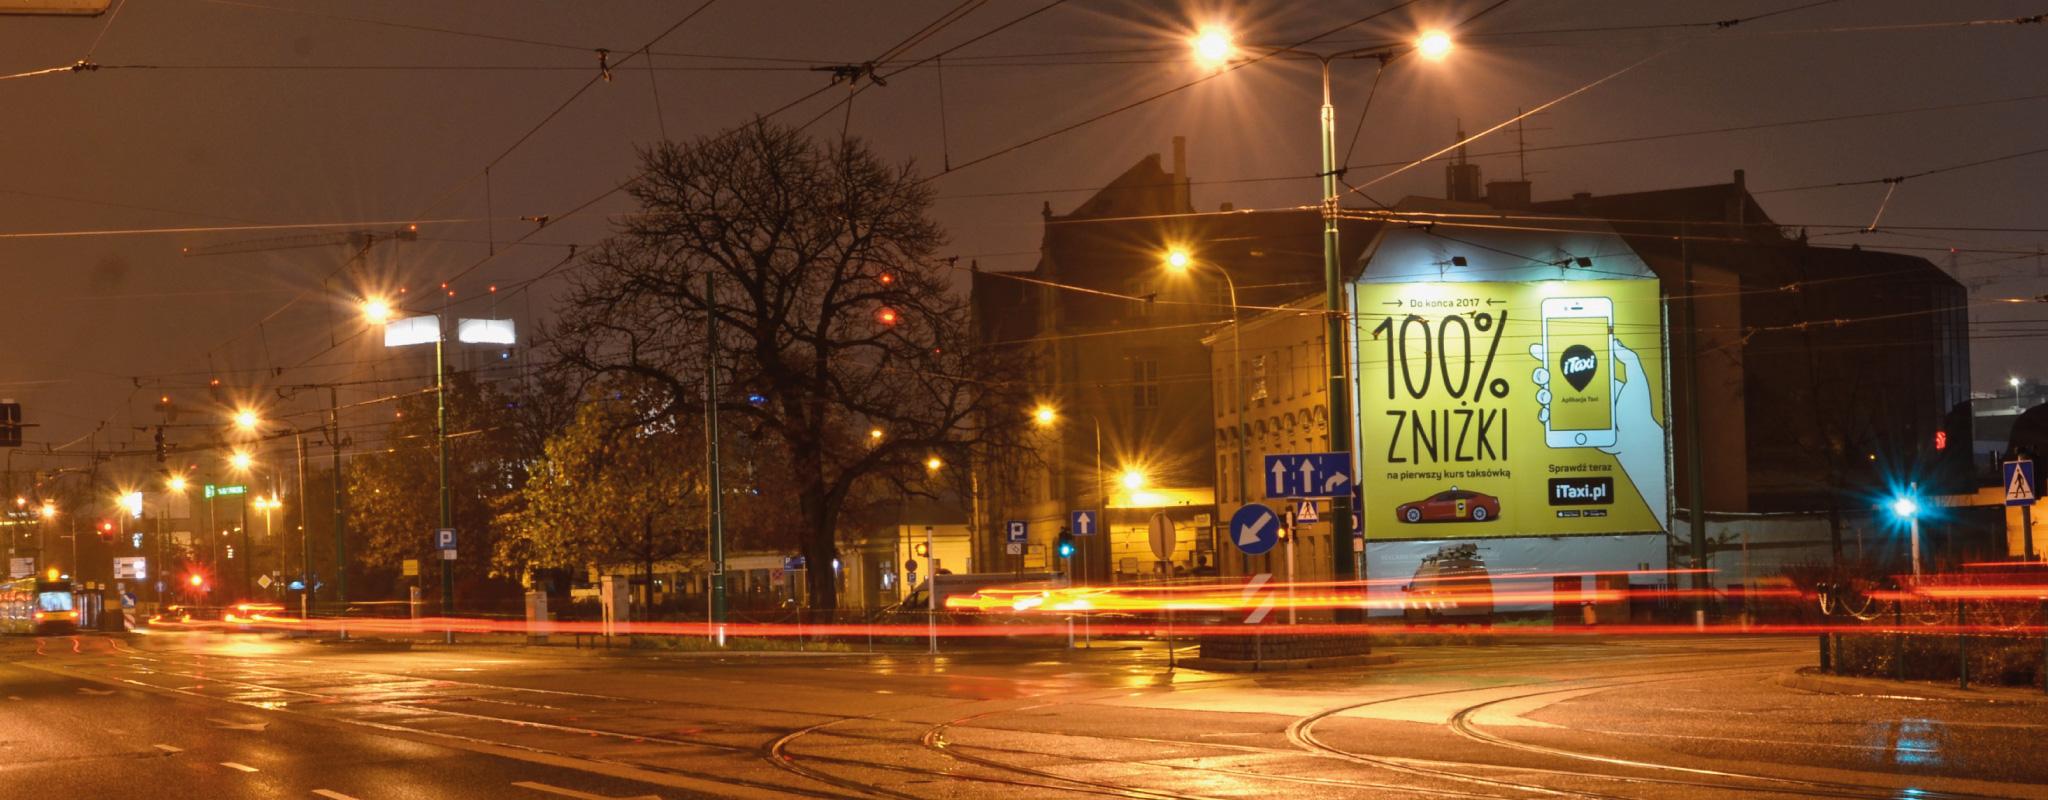 Głogowska 19 Wielki Format Poznań - Podświetlana iTaxi